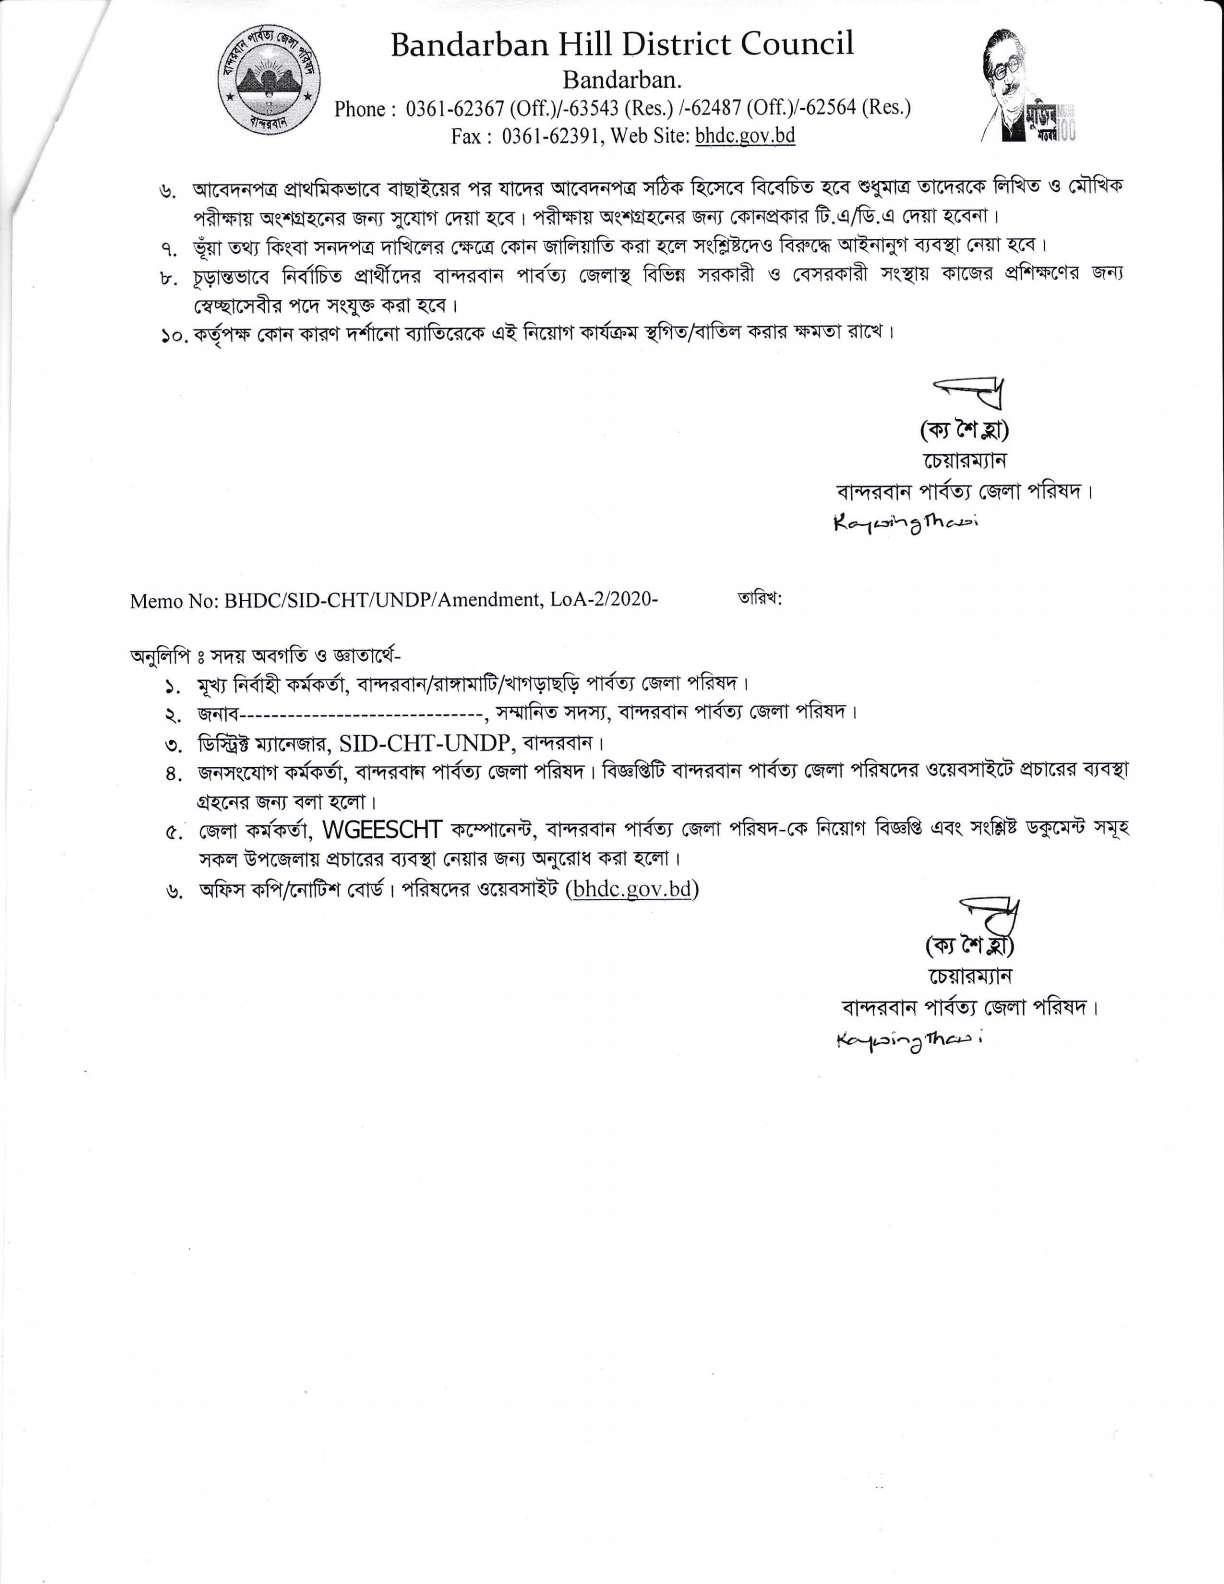 বান্দরবান পার্বত্য জেলা পরিষদ নতুন নিয়োগ বিজ্ঞপ্তি প্রকাশ